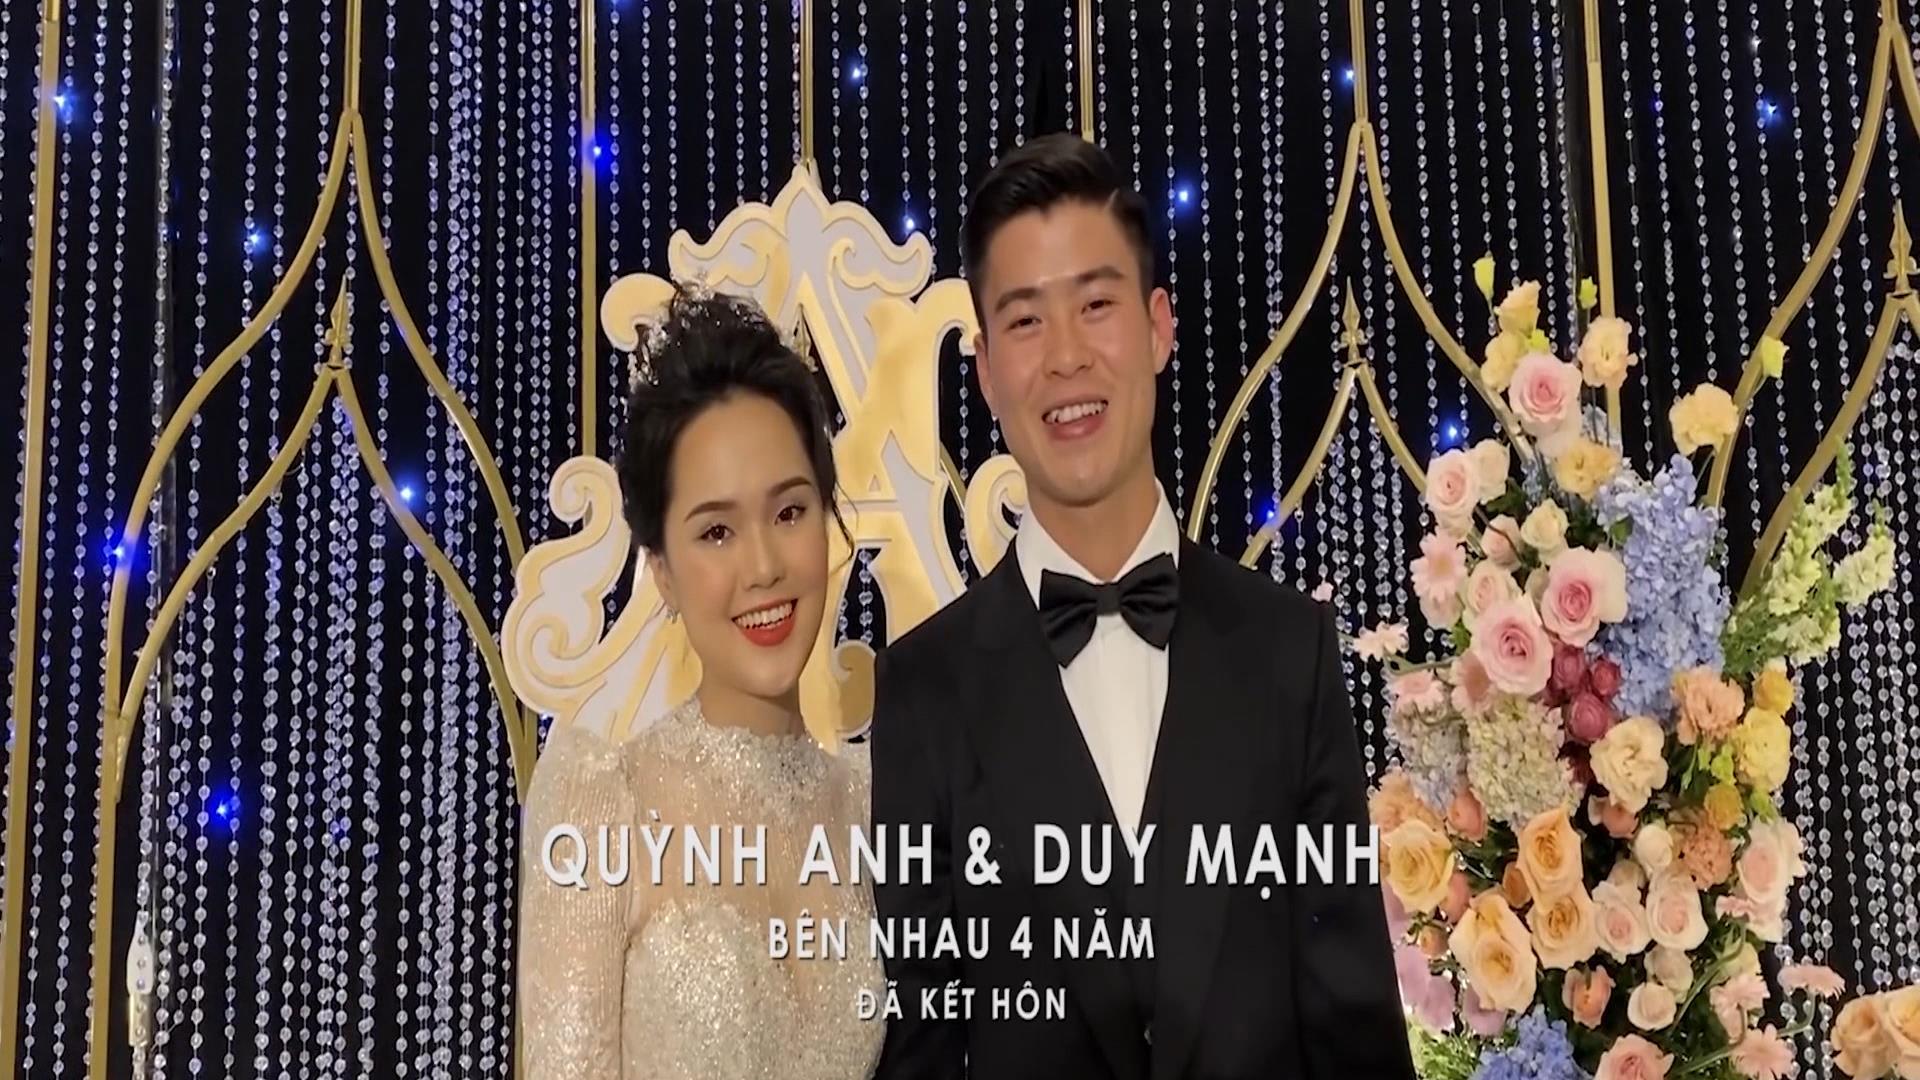 Sơn Tùng MTP, Hương Giang Idol, Nguyễn Trần Trung Quân… và những bản hit gây bão